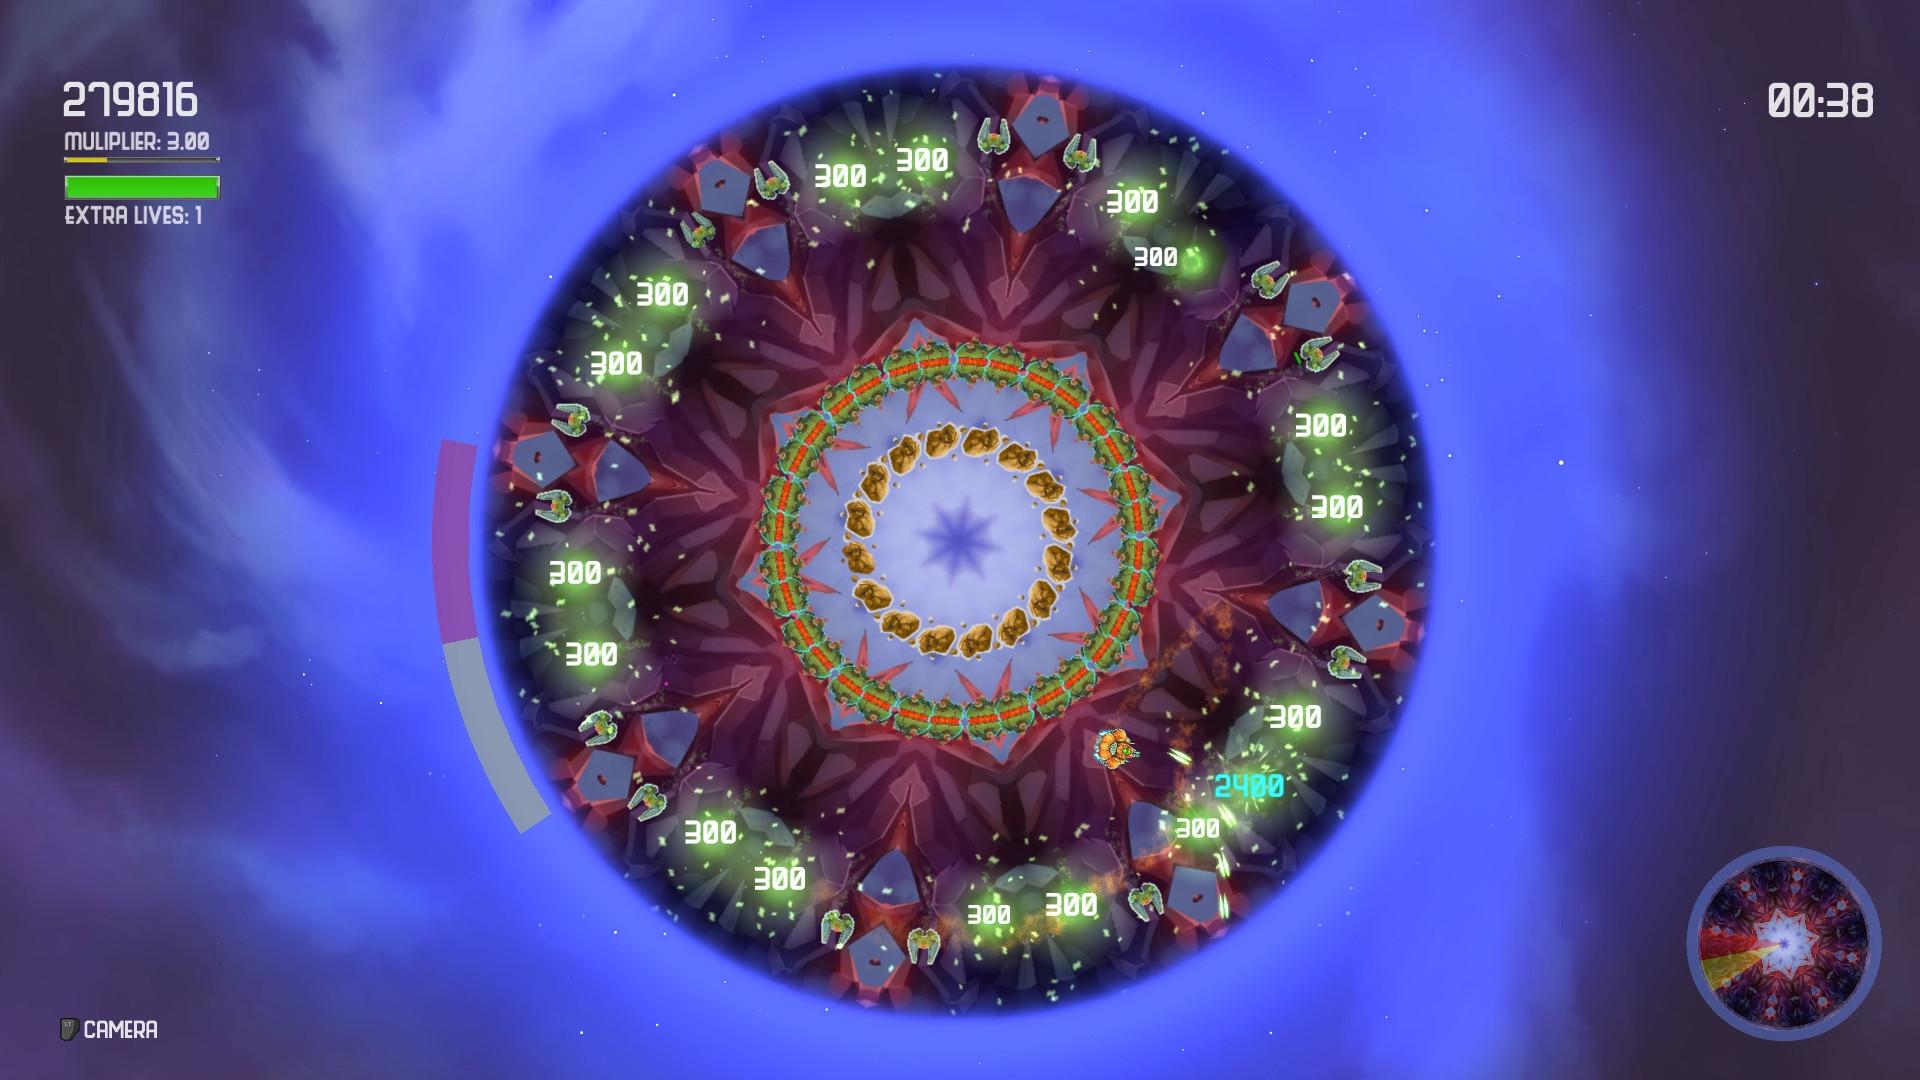 宇宙镜图片